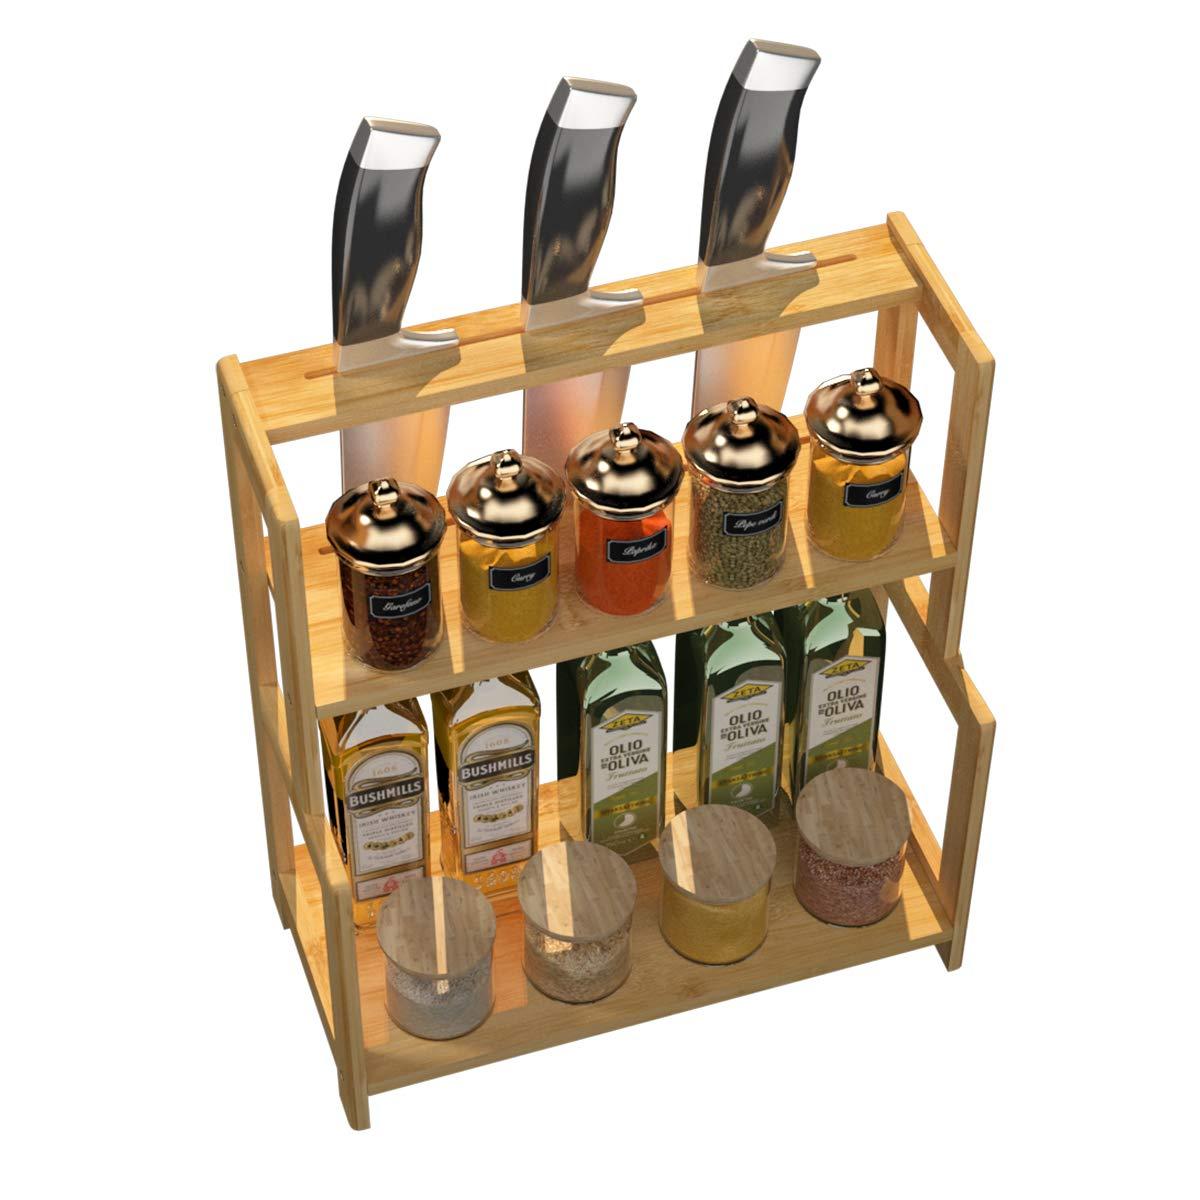 soges bastidores de Especias de Cocina de bamb/ú de 3 Niveles Estante de Almacenamiento Estante Organizador de encimera Multifuncional para Especias Estante de ba/ño CFTWJ